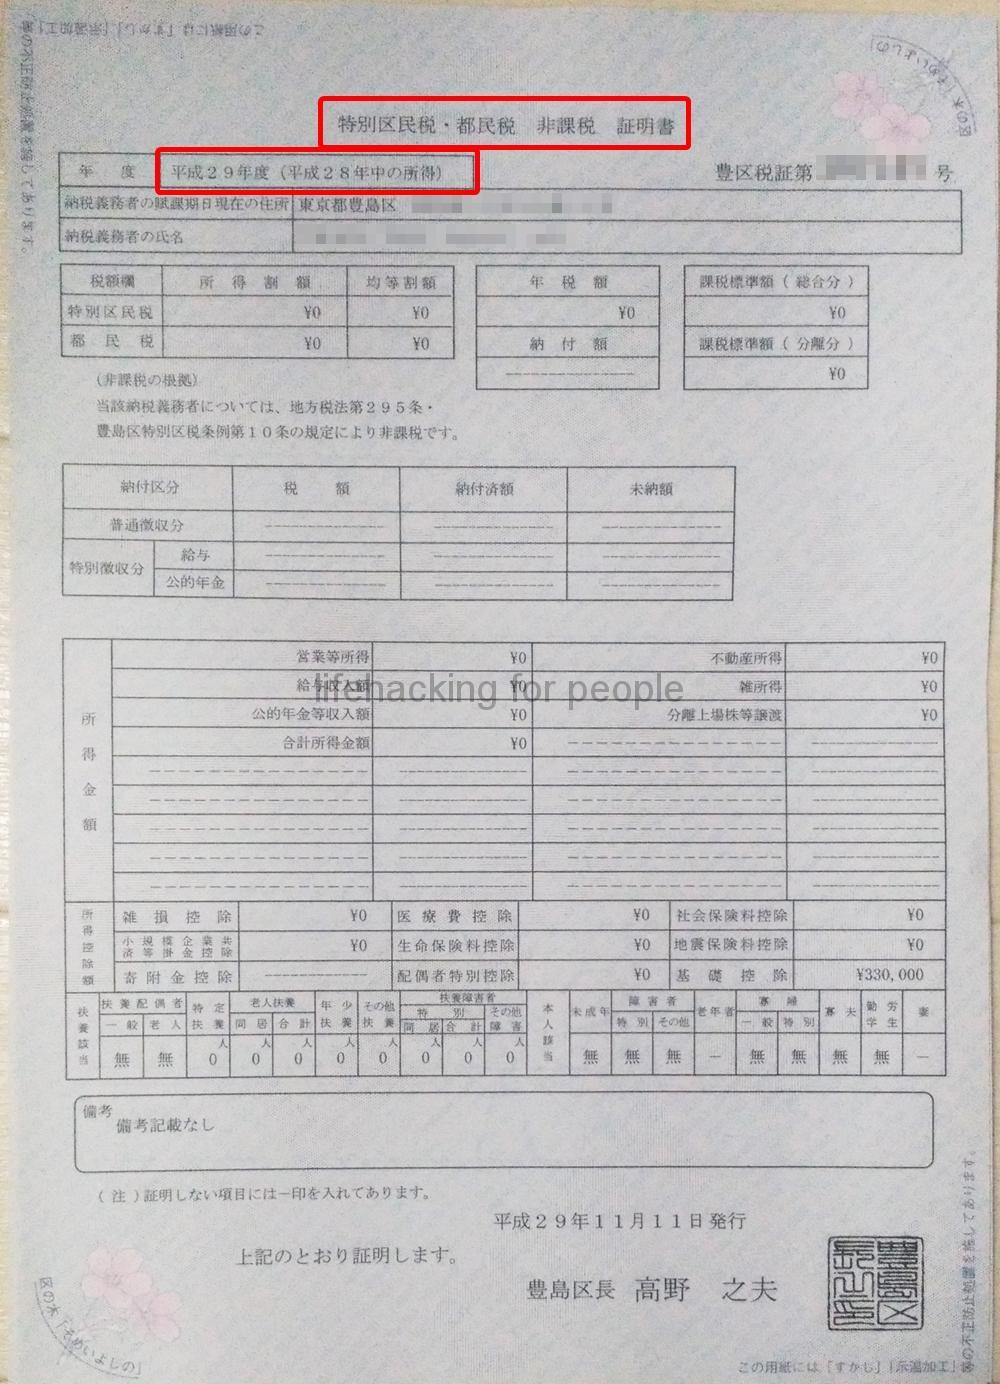 嫁の「特別区民税・都民税 非課税 証明書」(年度 平成29年度(平成28年度中の所得))